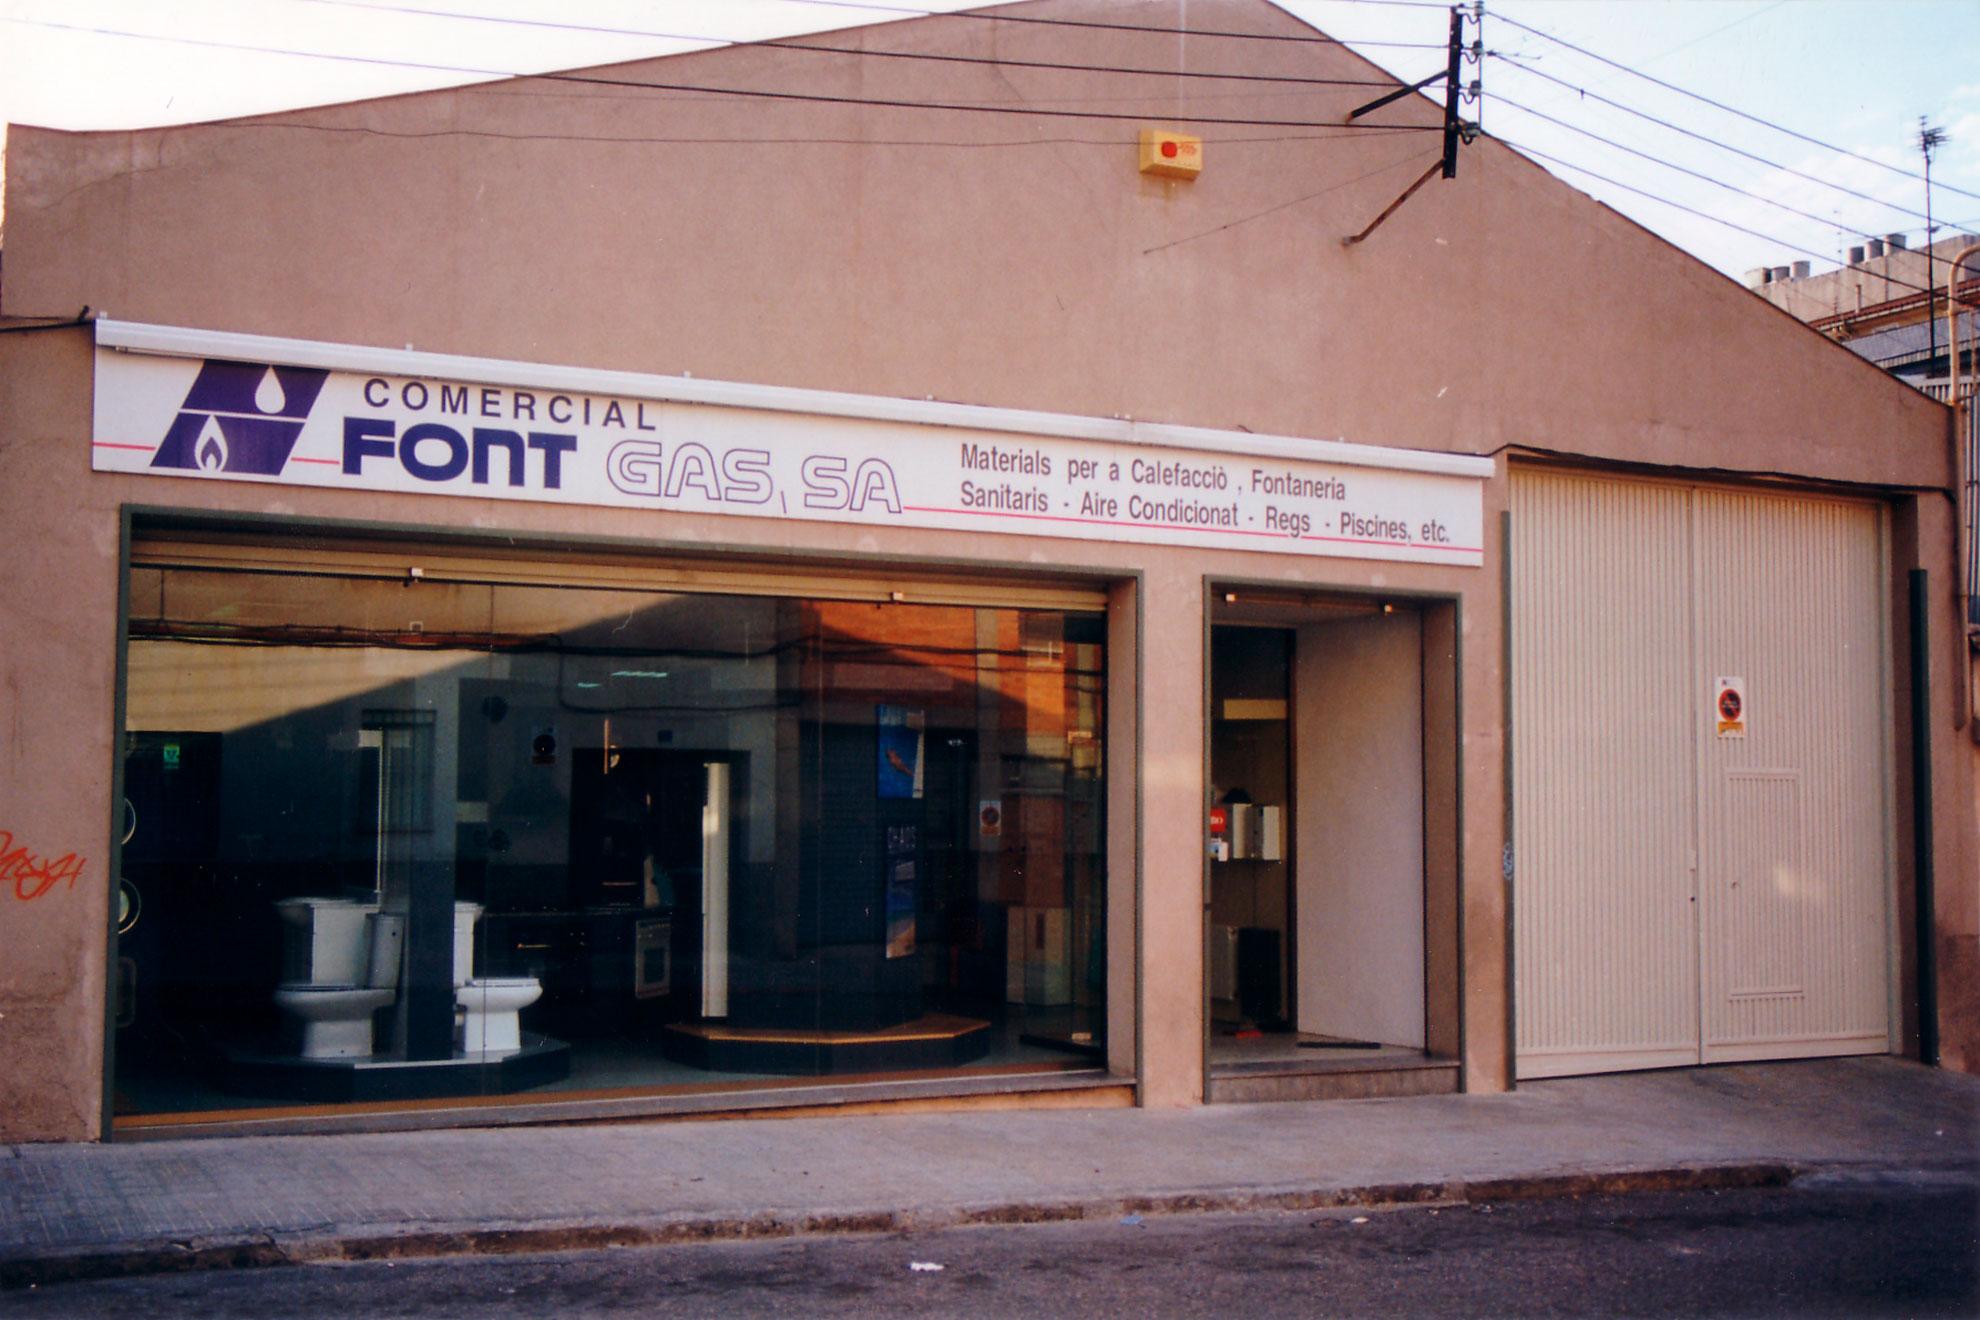 Empresa de suministros con m s de 30 a os de experiencia - Fontgas sabadell ...